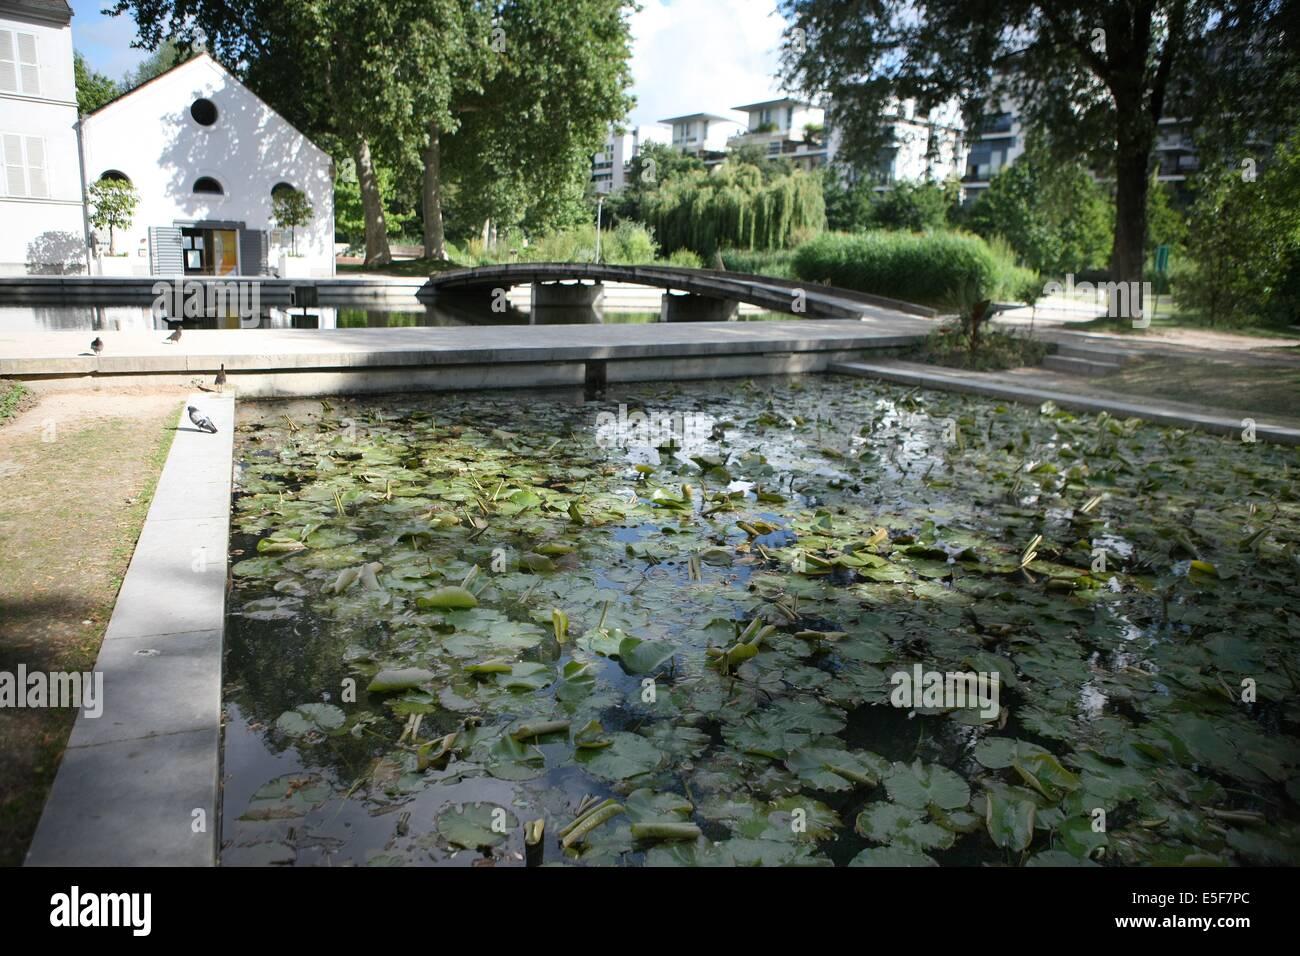 France, ile de france, paris, 12e arrondissement, bercy, parc de bercy, plan d'eau, nenuphars  Date : 2011-2012 - Stock Image